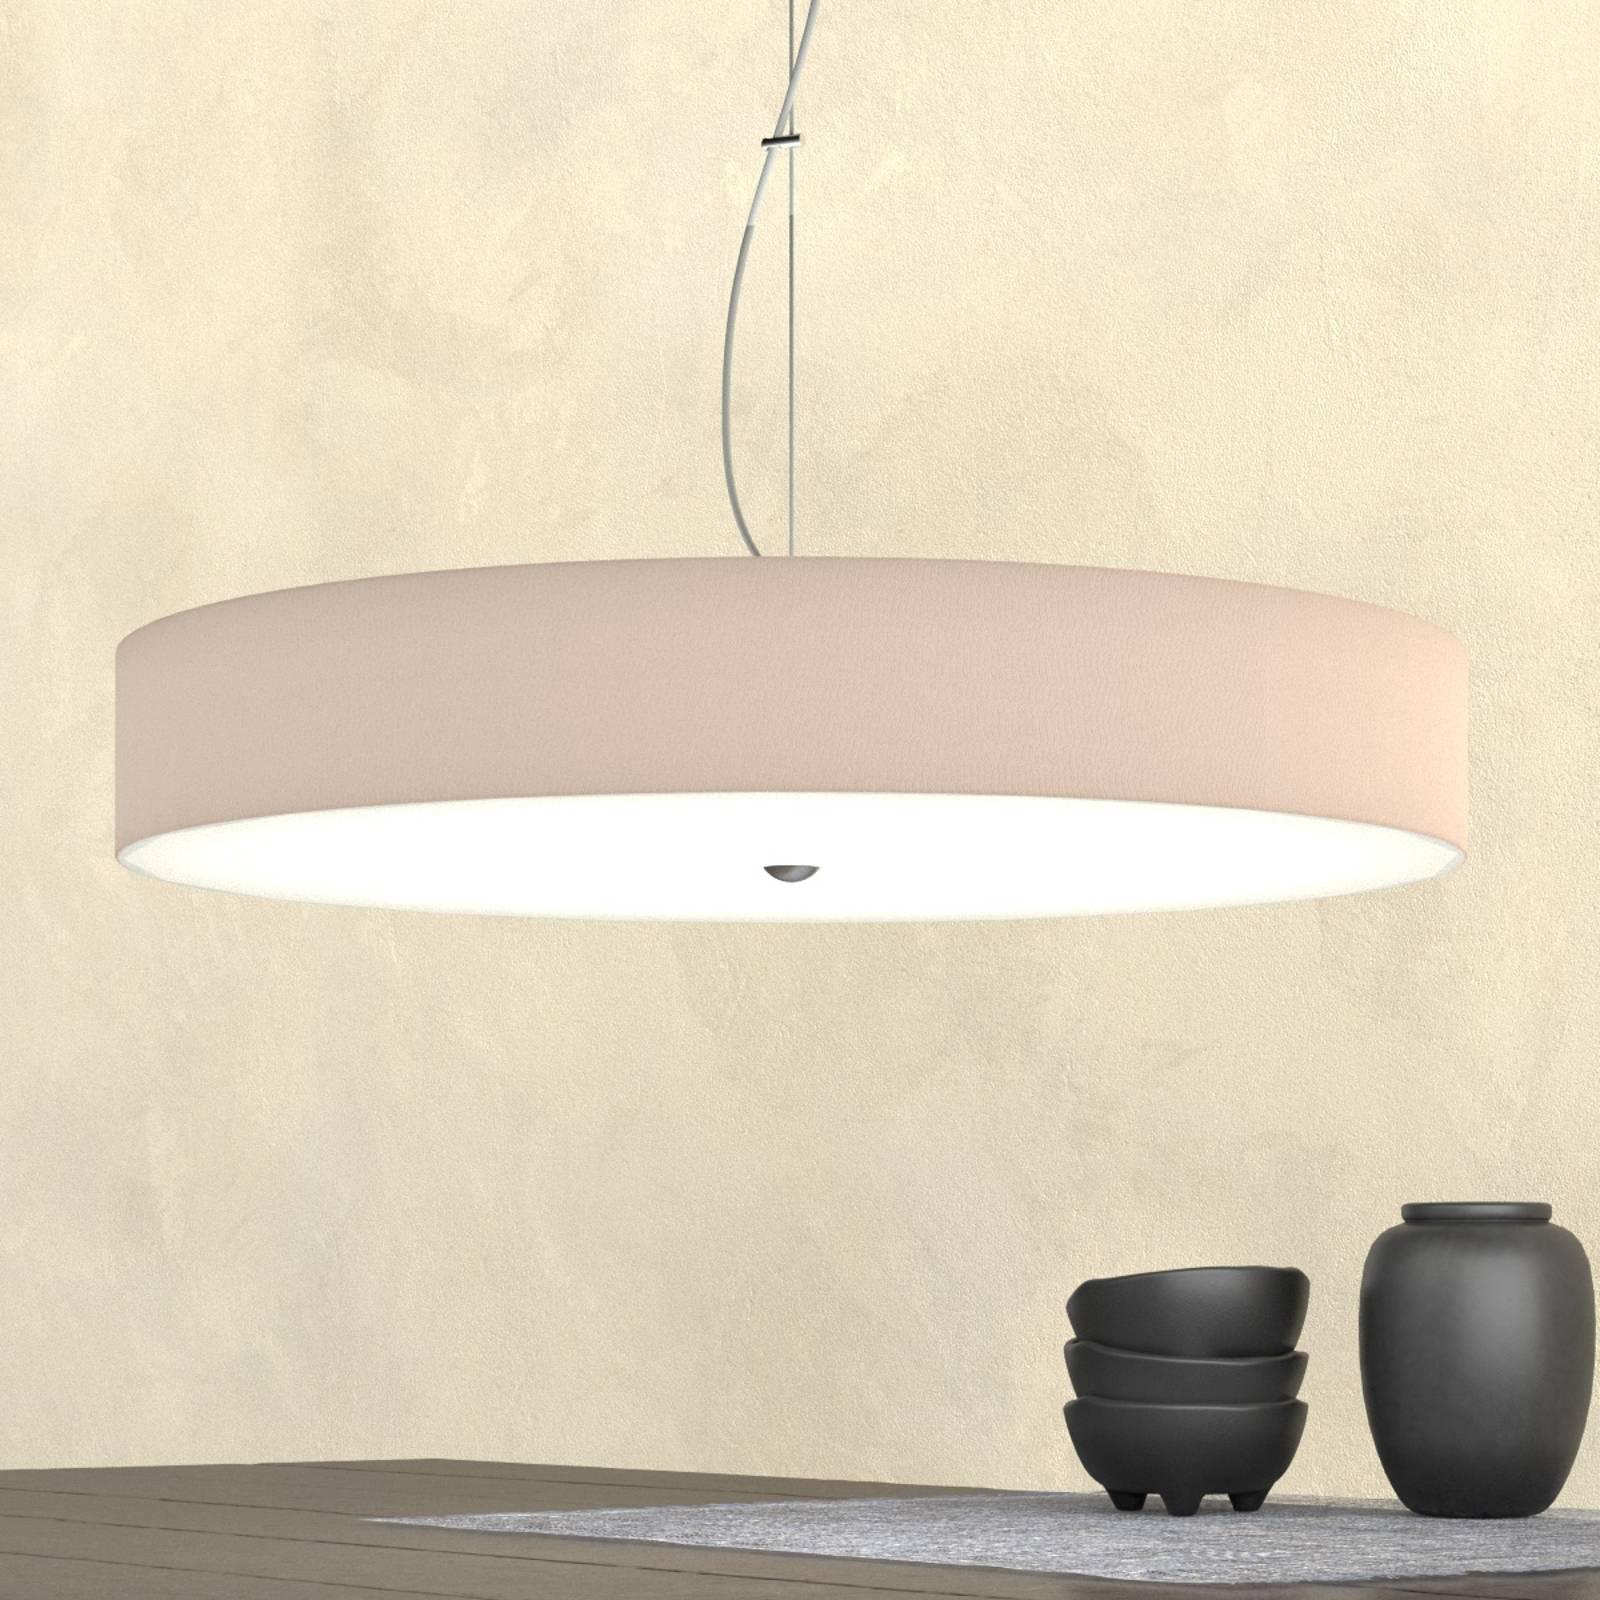 Hangelampen Von Hufnagel Und Andere Lampen Fur Wohnzimmer Online